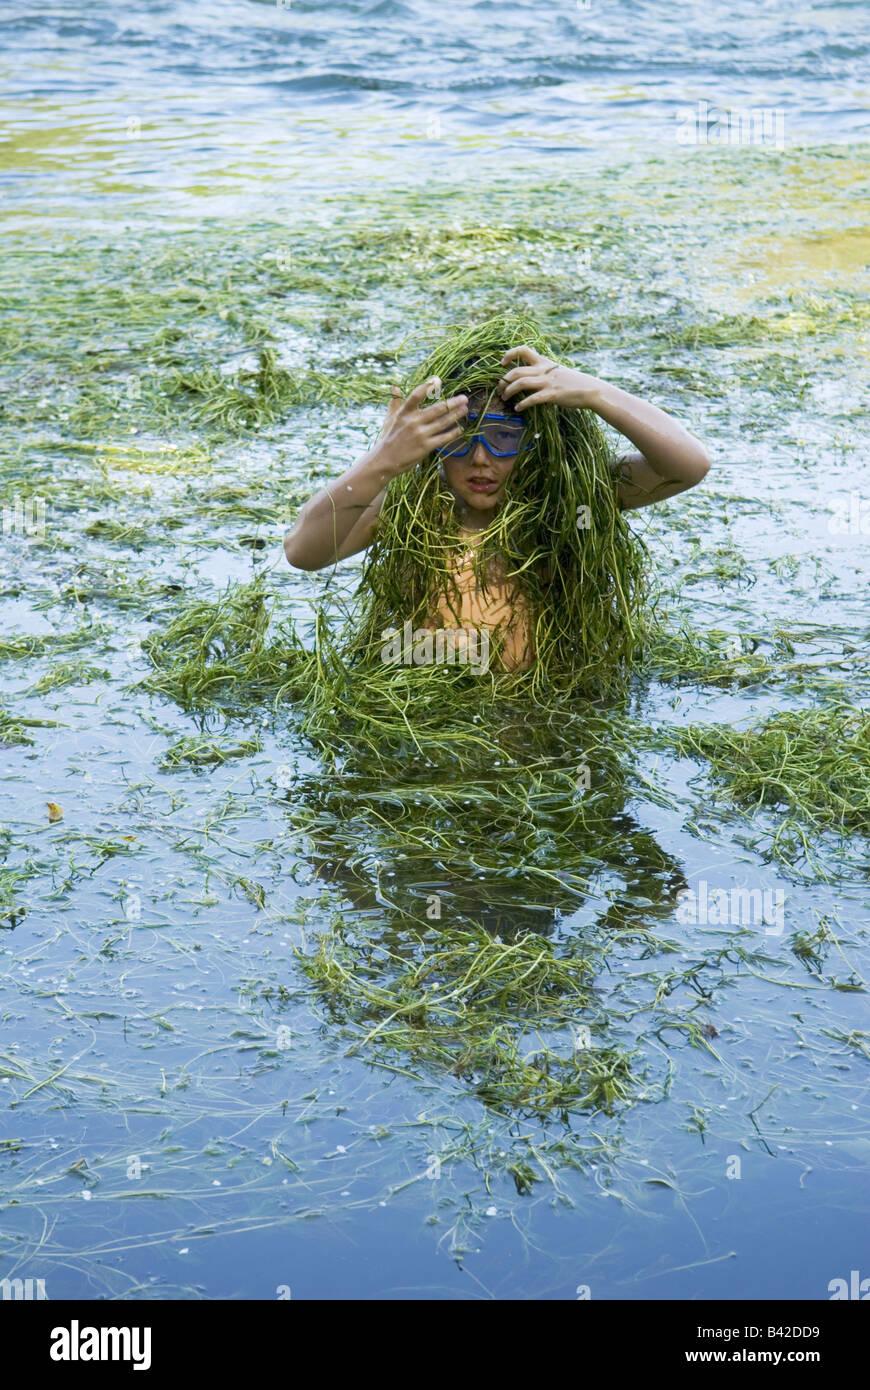 Un joven hasta la cintura en el río cubre a sí mismo en la maleza durante un juego Imagen De Stock